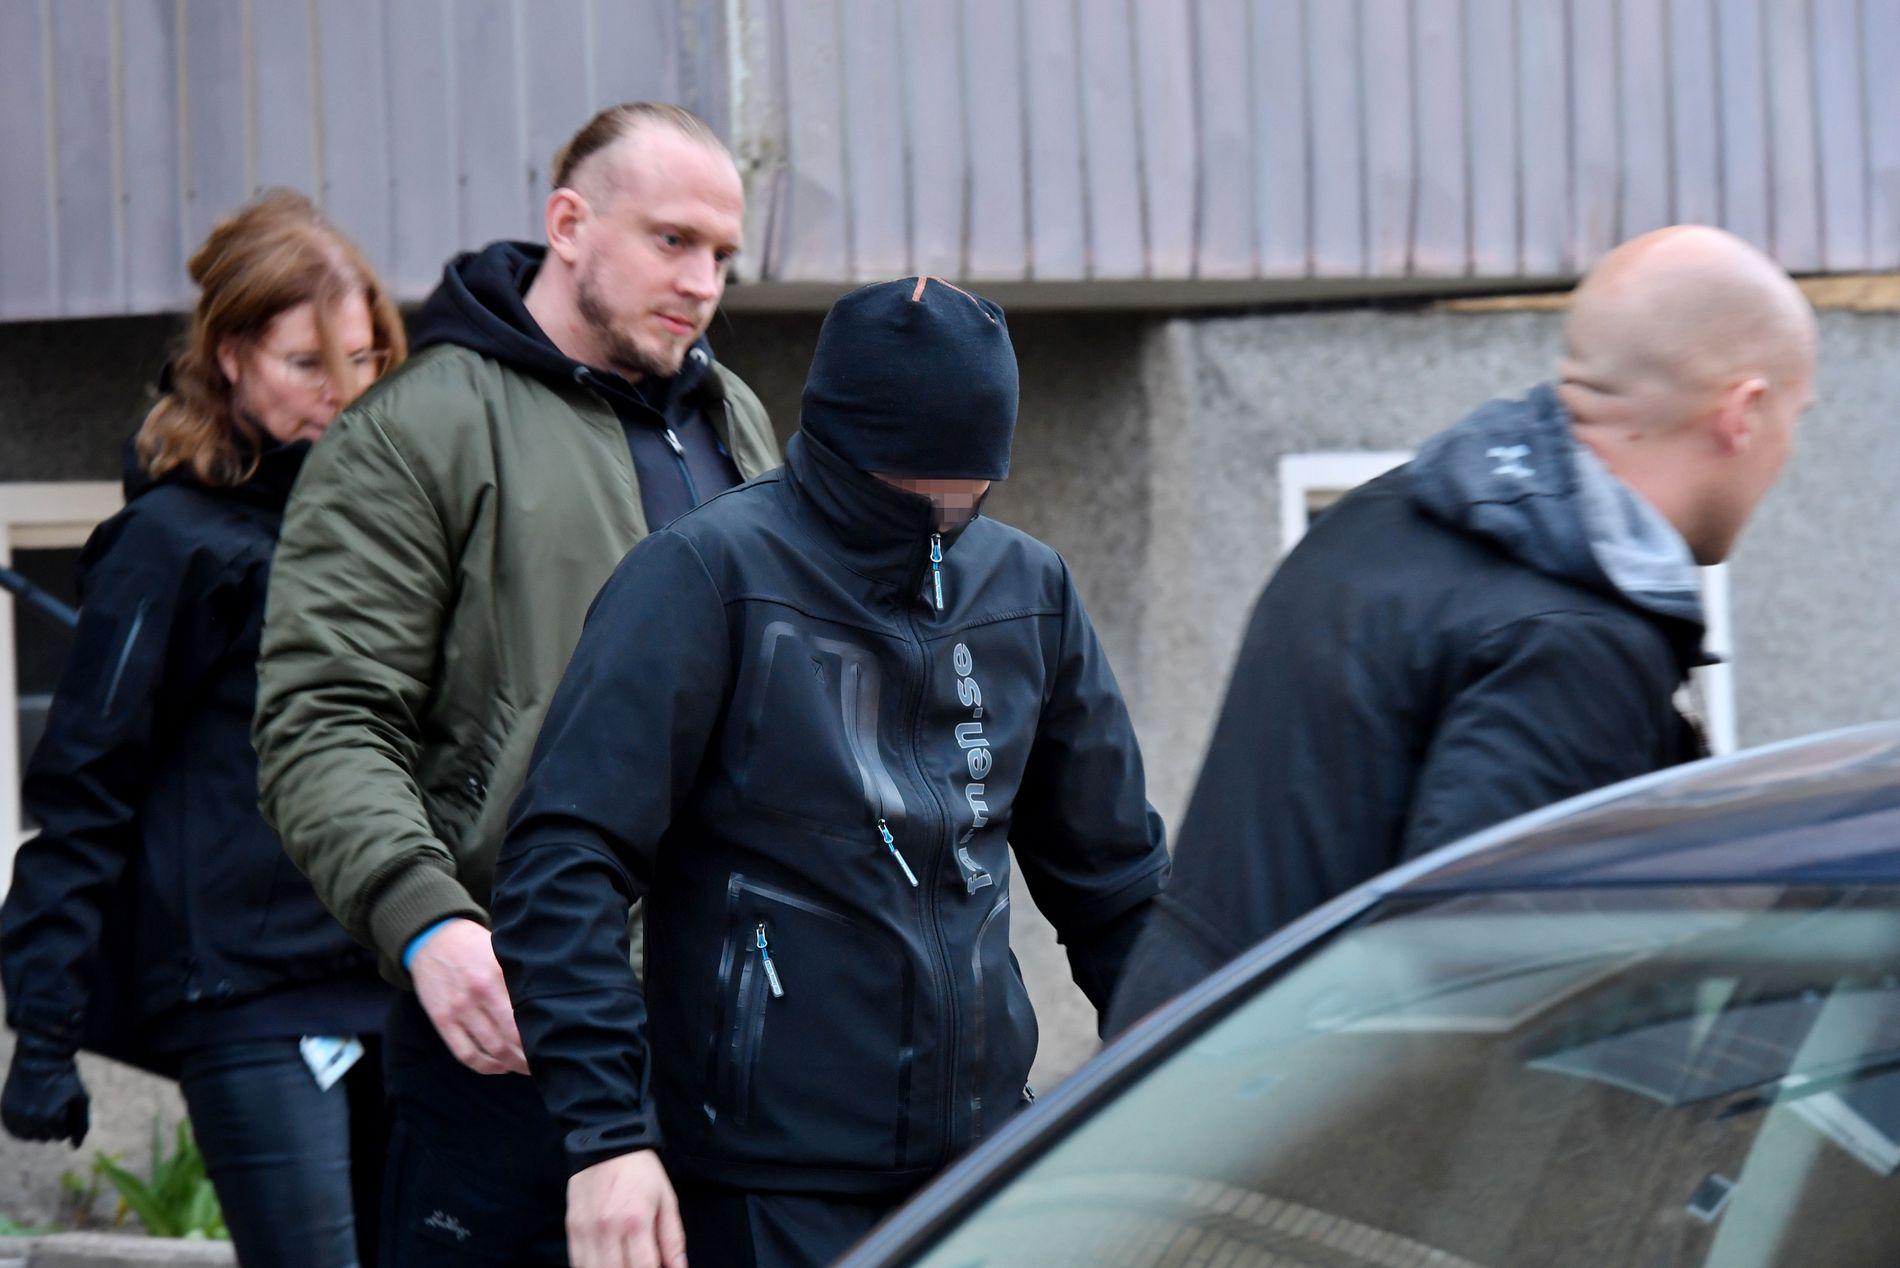 HENTET PERSON I LEILIGHET: En mann i svarte klær ble lørdag kveld ført ut og inn i en sivil politibil med sotede bakruter fra en adresse sør i Stockholm. Mannen var ikke påført håndjern.